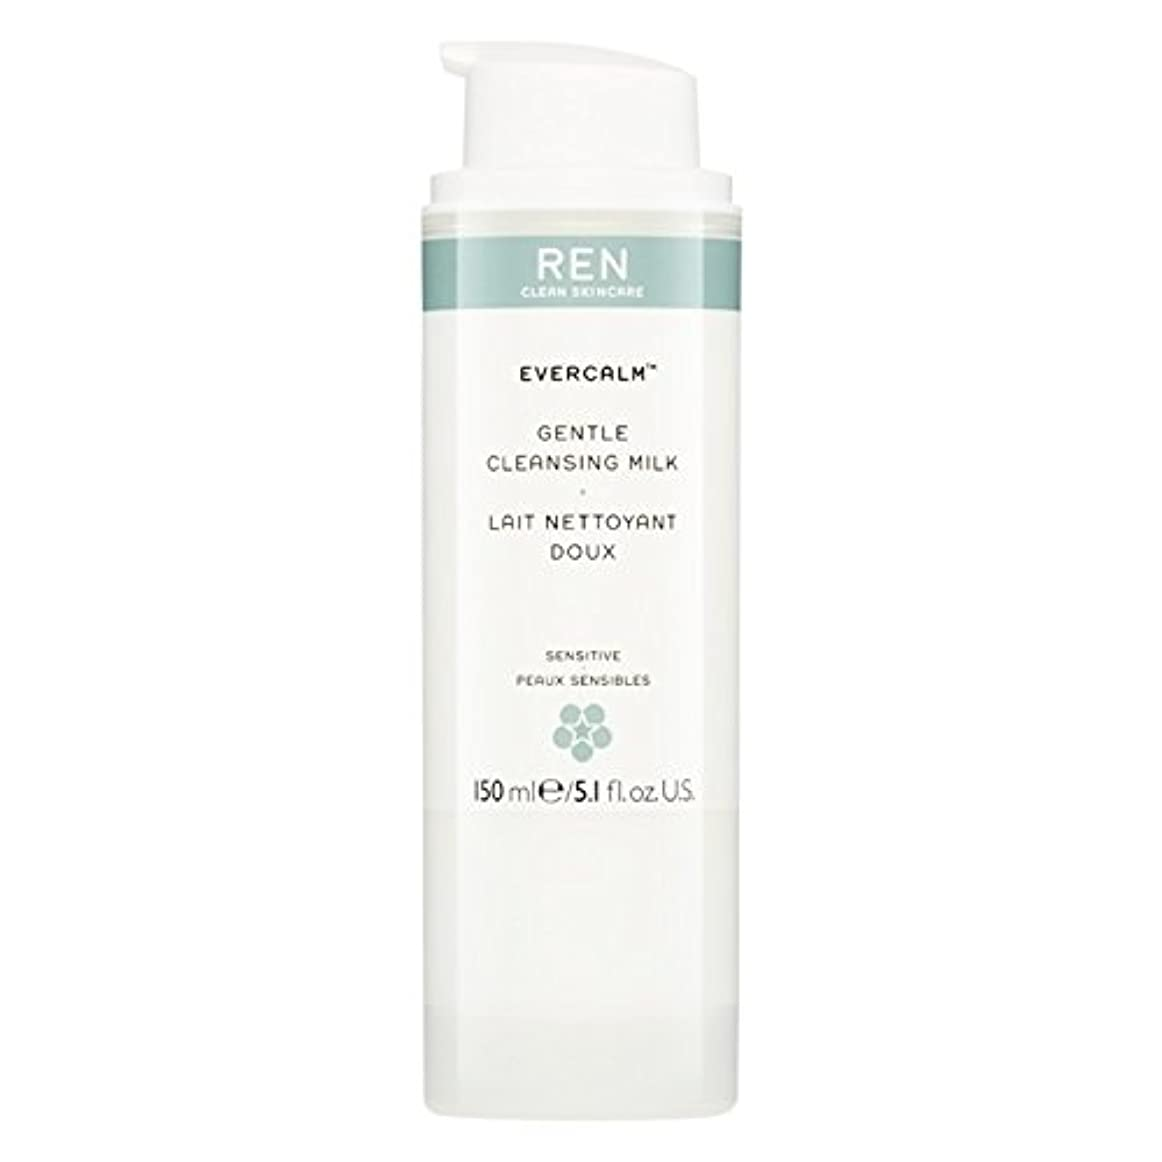 地質学パイ不承認Ren Evercalm優しいクレンジングミルク、150ミリリットル (REN) - REN Evercalm Gentle Cleansing Milk, 150ml [並行輸入品]